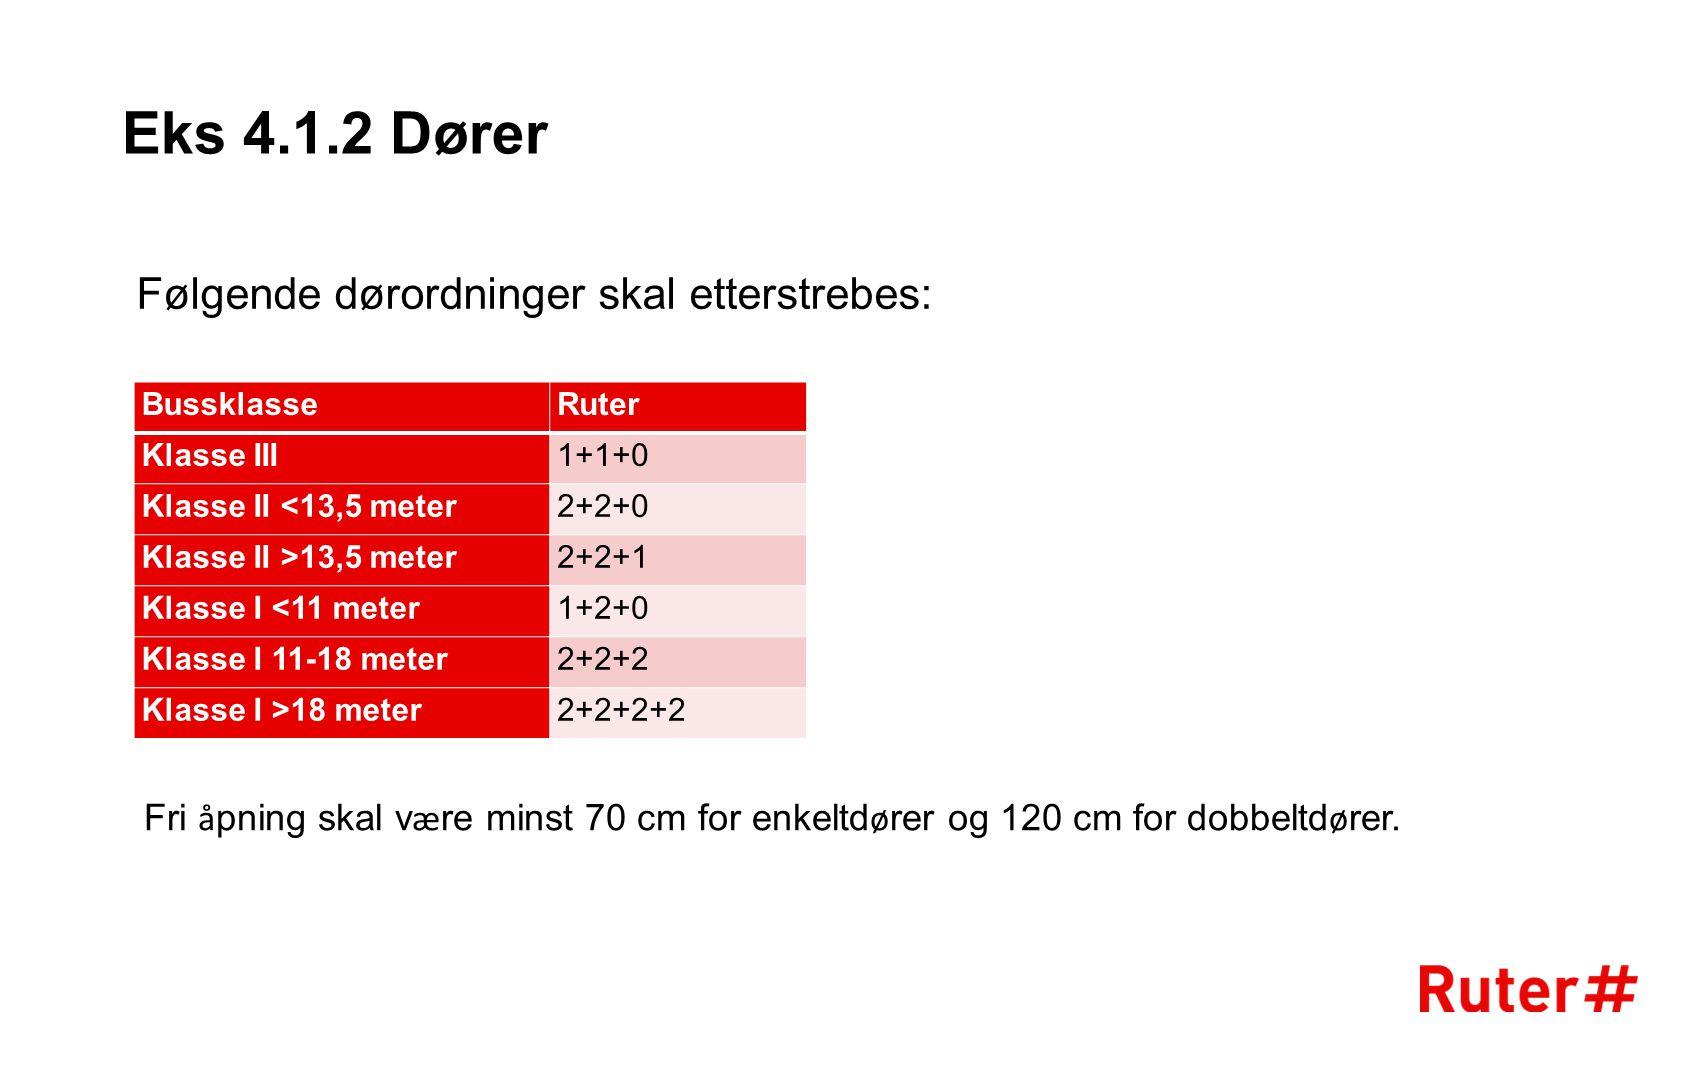 Eks 4.1.2 Dører BussklasseRuter Klasse III1+1+0 Klasse II <13,5 meter2+2+0 Klasse II >13,5 meter2+2+1 Klasse I <11 meter1+2+0 Klasse I 11-18 meter2+2+